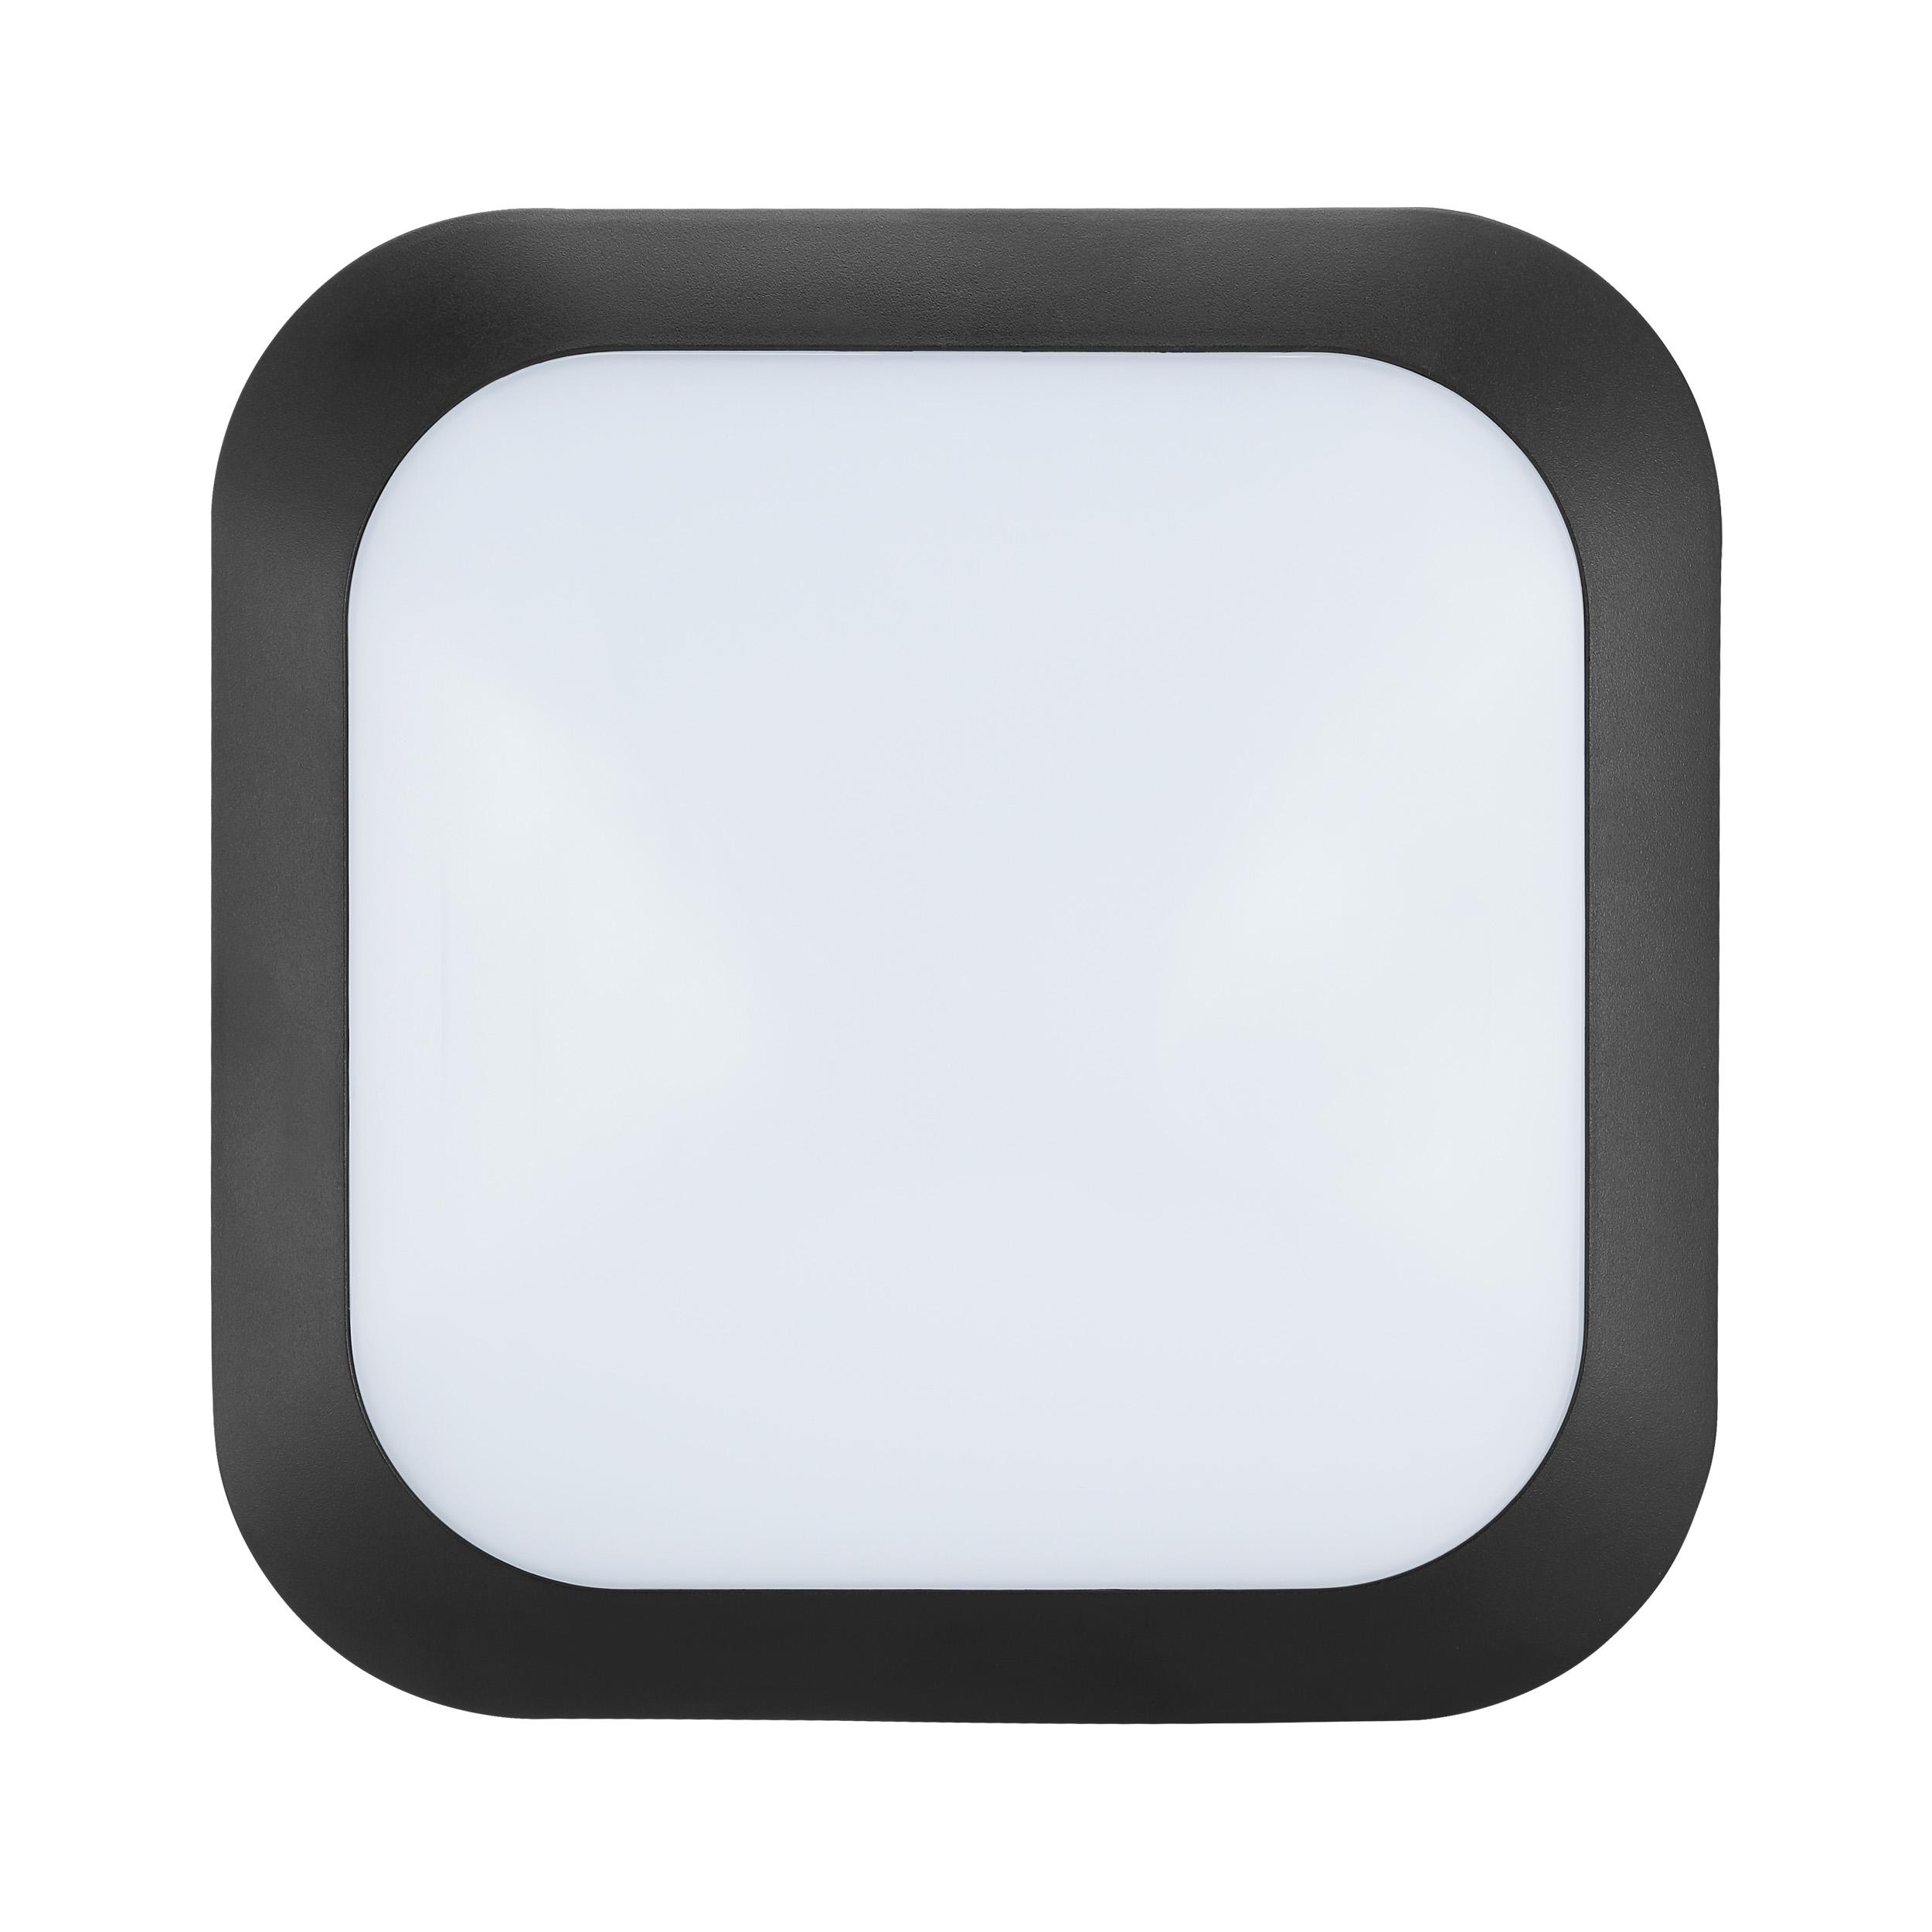 1 Stk Bellaria Wandaufbauleuchte quadratisch 12W 4000K schwarz LI62227---